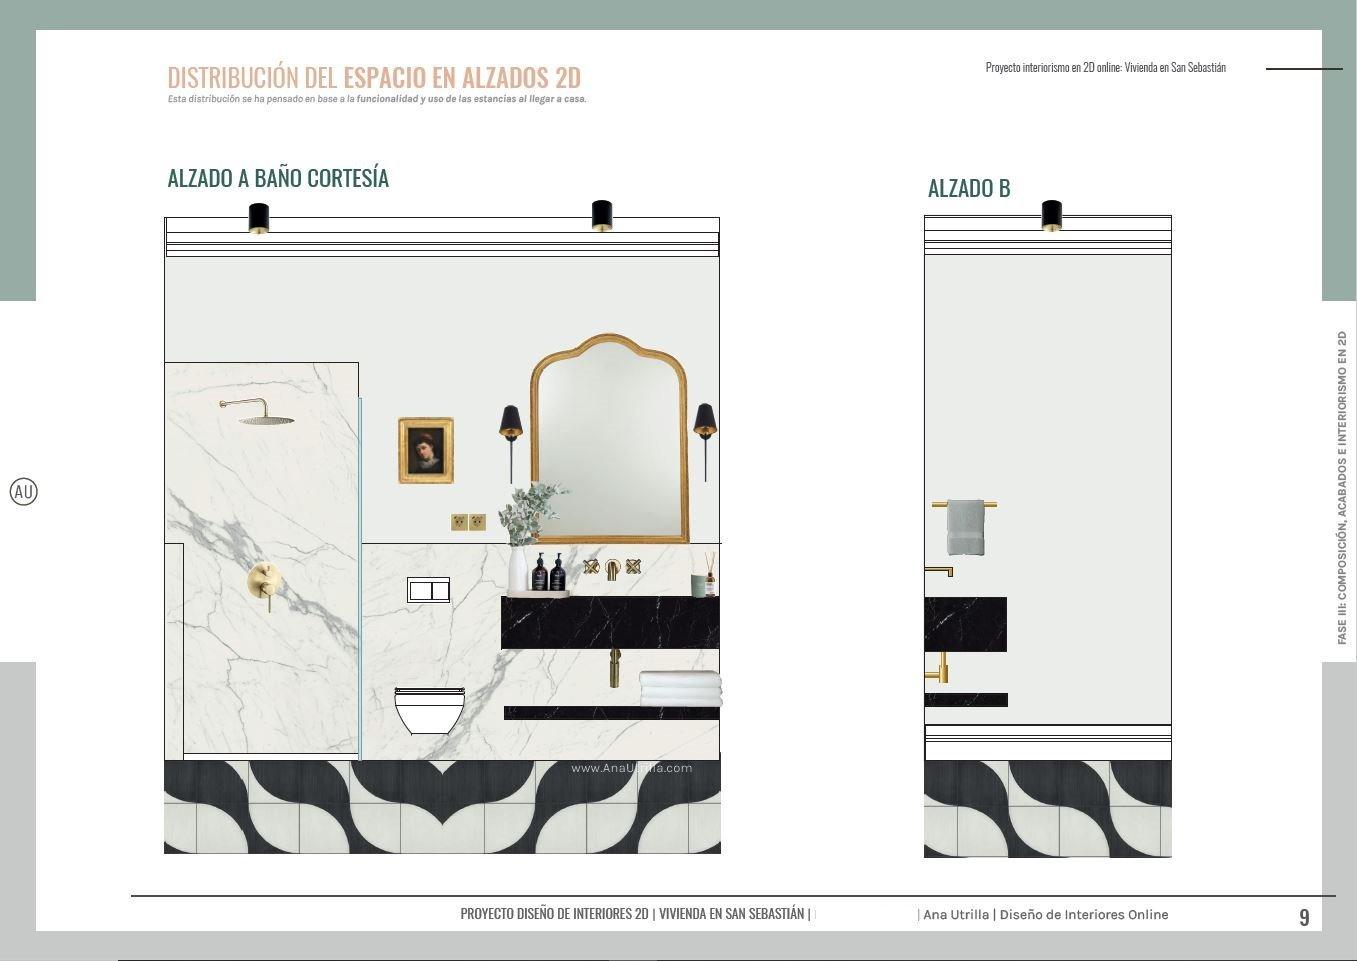 Proyecto de interiorismo y reforma de baño de cortesía de estilo francés en San Sebastián, alzados en 2D con acabados en mármol, suelo hidráulico de tonos neutros. #AnaUtrilla #diseñodeinterioresamedida